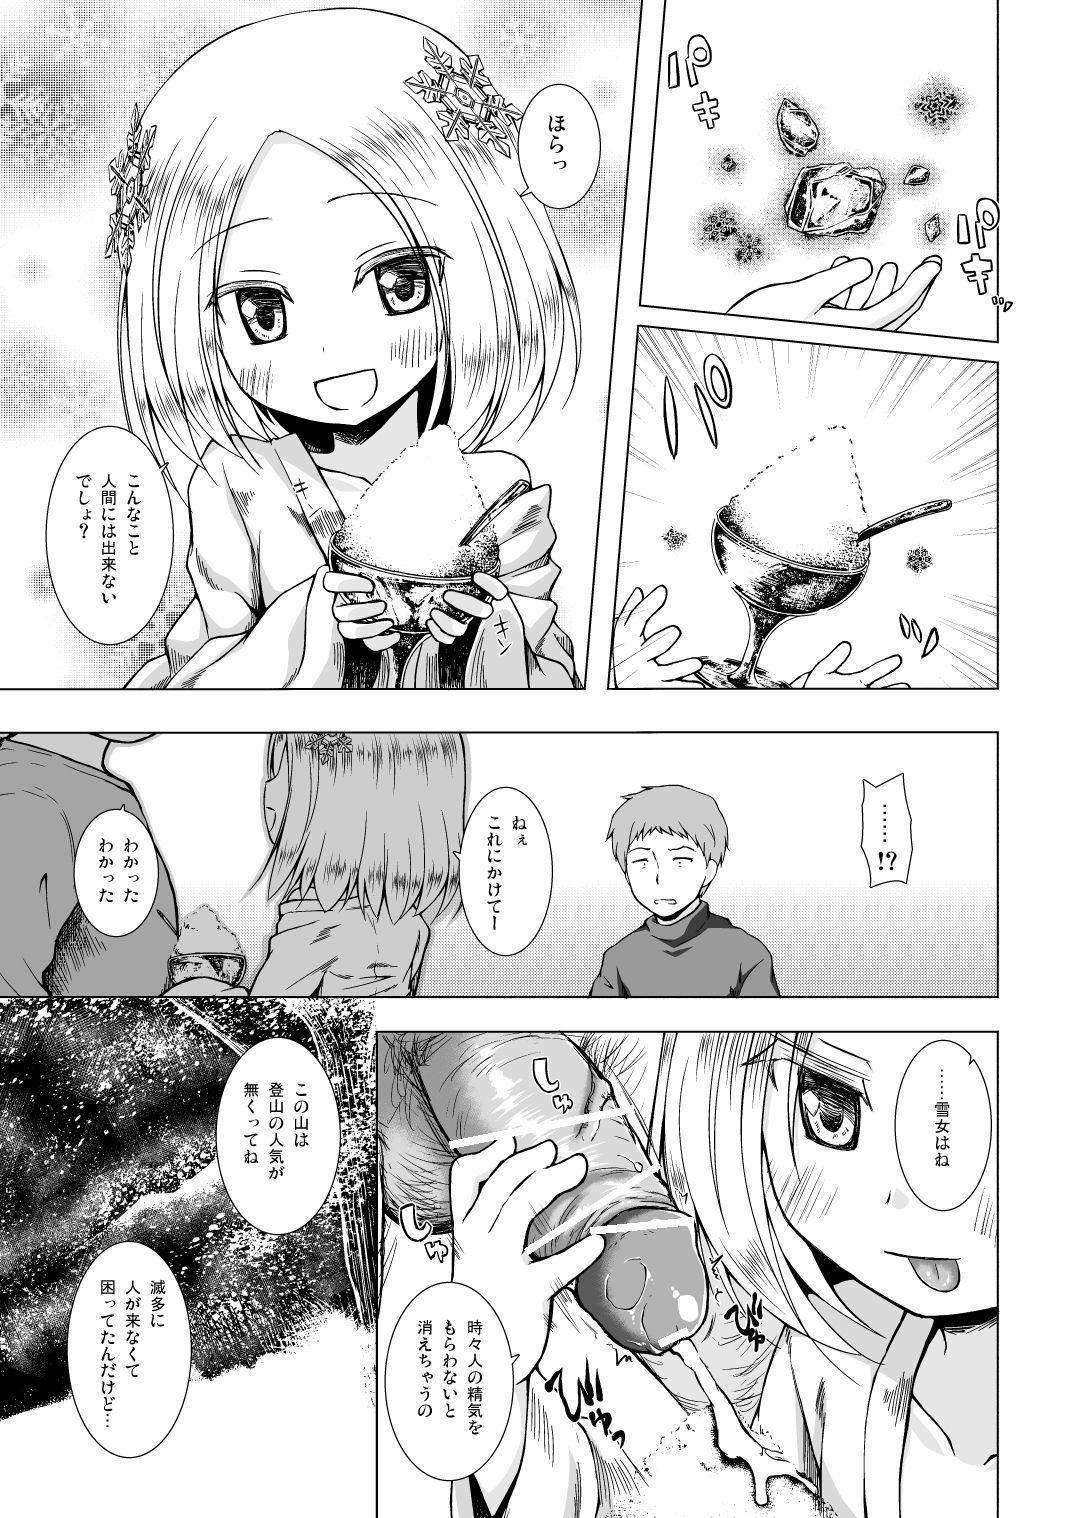 Monokemono Hachi-ya 7